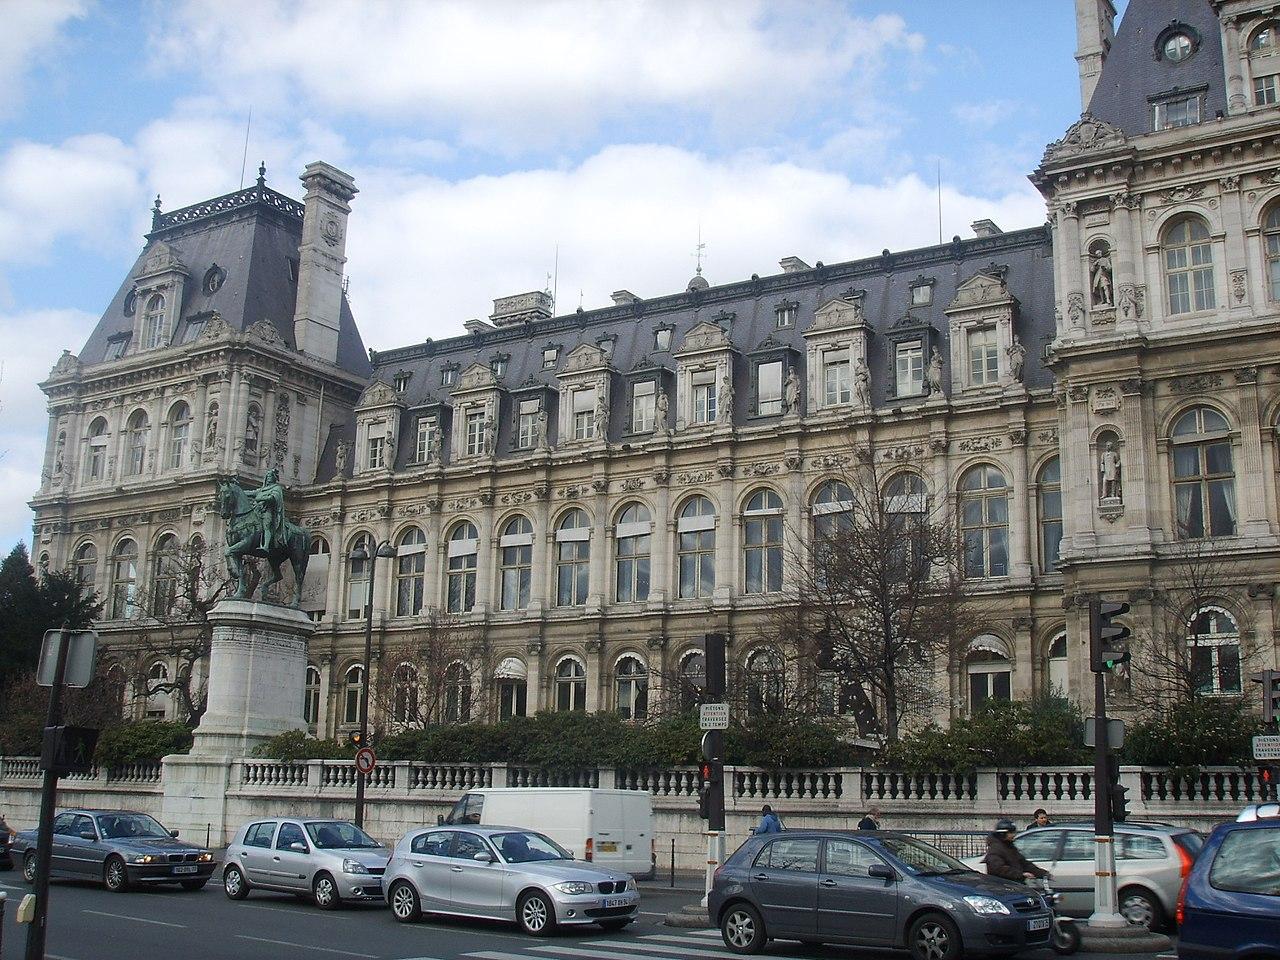 Opera Parigi Hotel